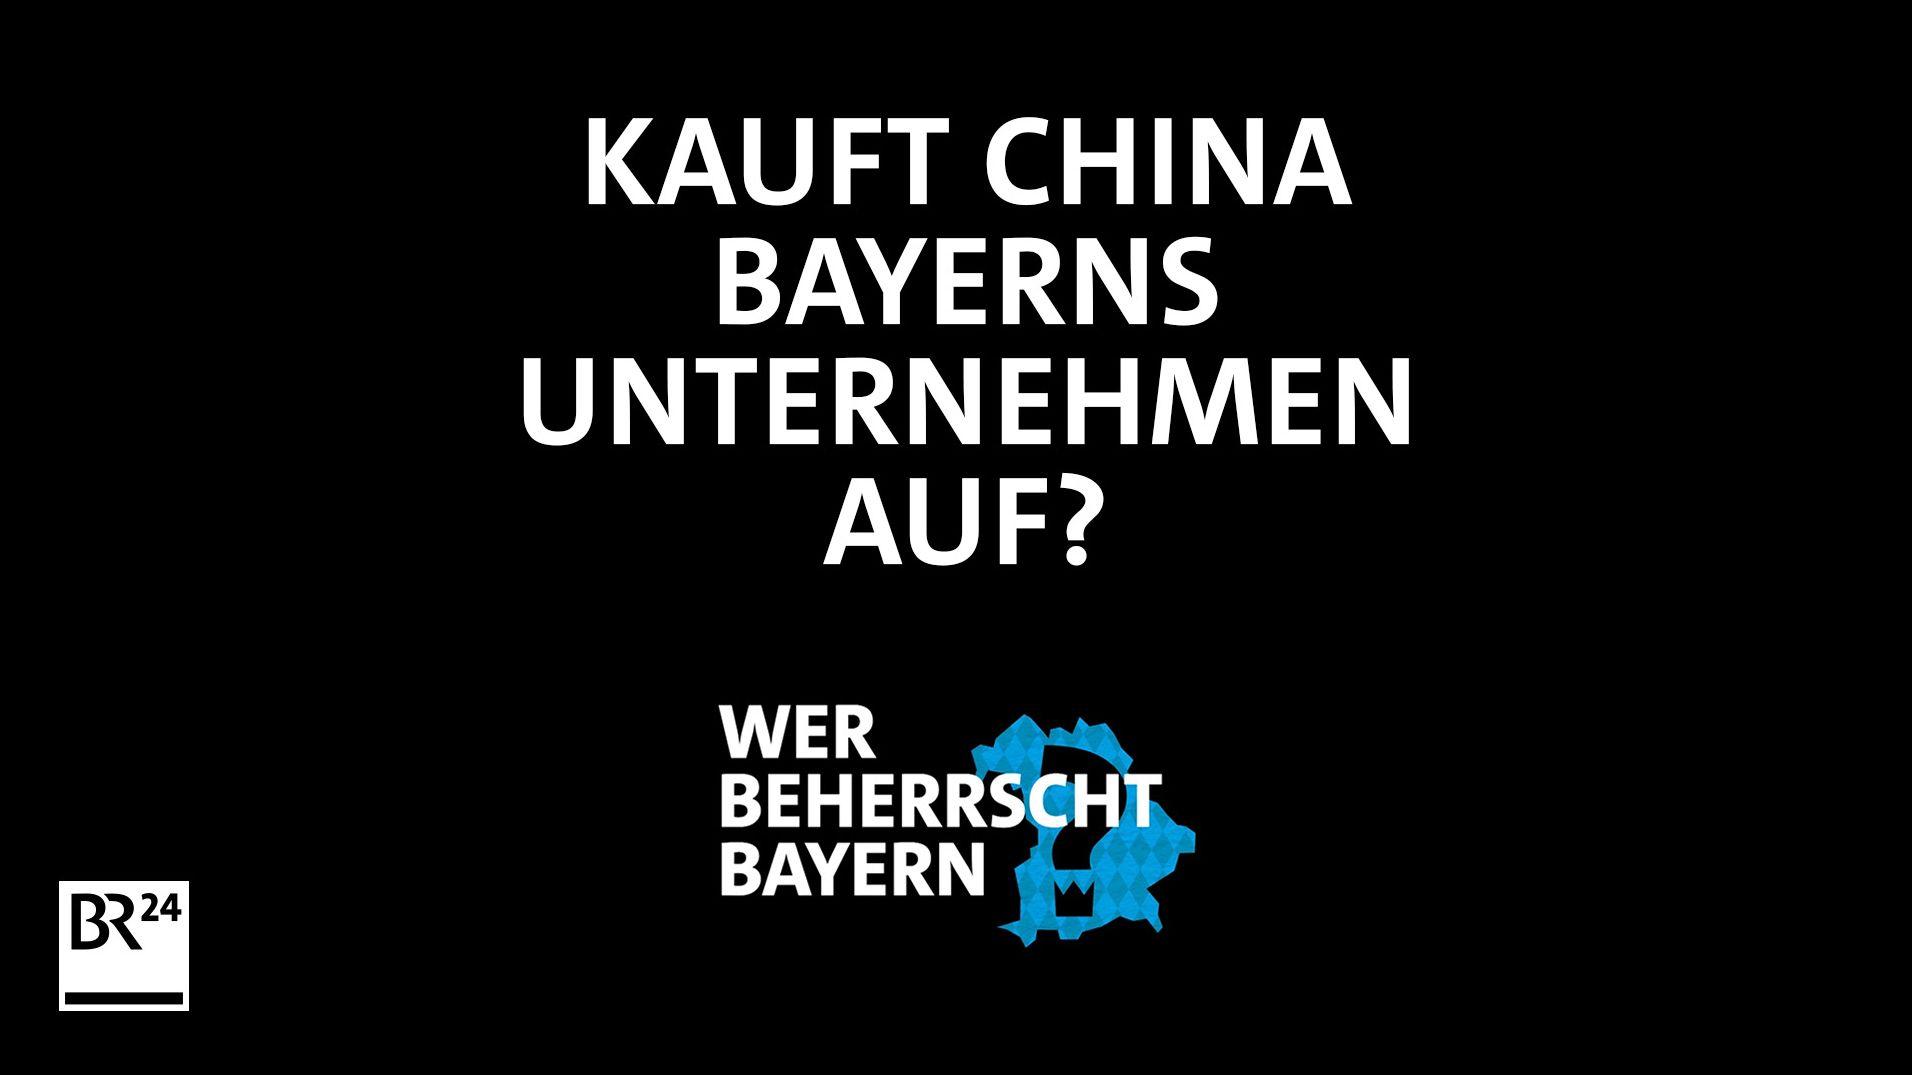 Kauft China Bayerns Unternehmen auf?